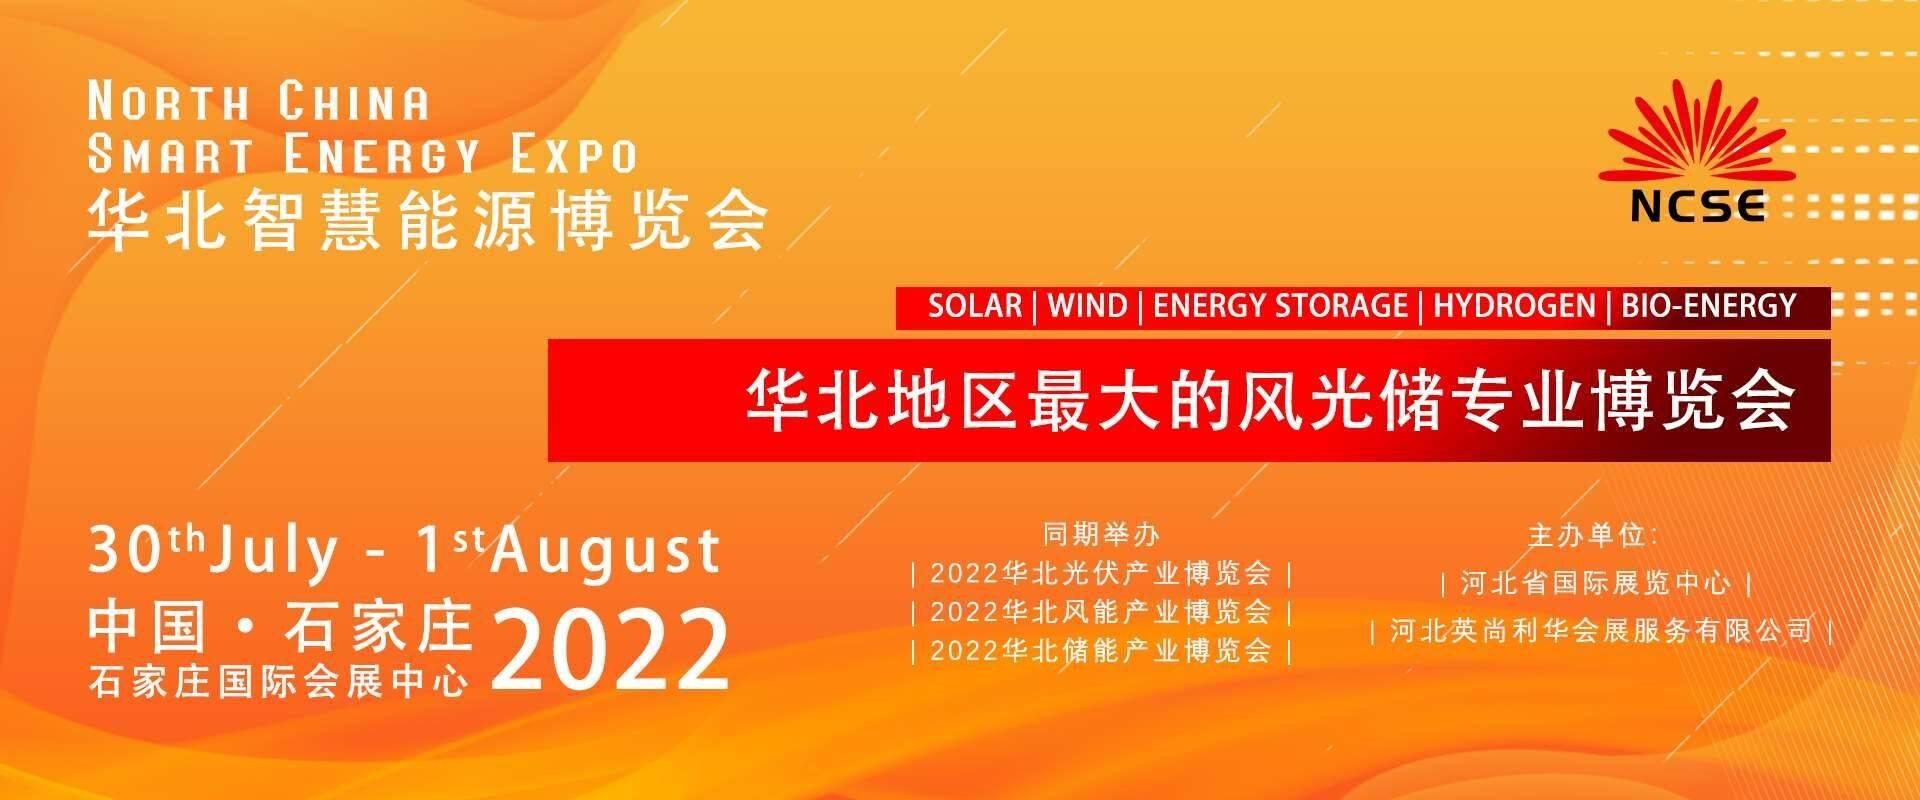 """清洁能源发展的中国行动:加快发展风电、太阳能发电等,""""十四五""""时期风电光伏要成为清洁能源增长的主力"""